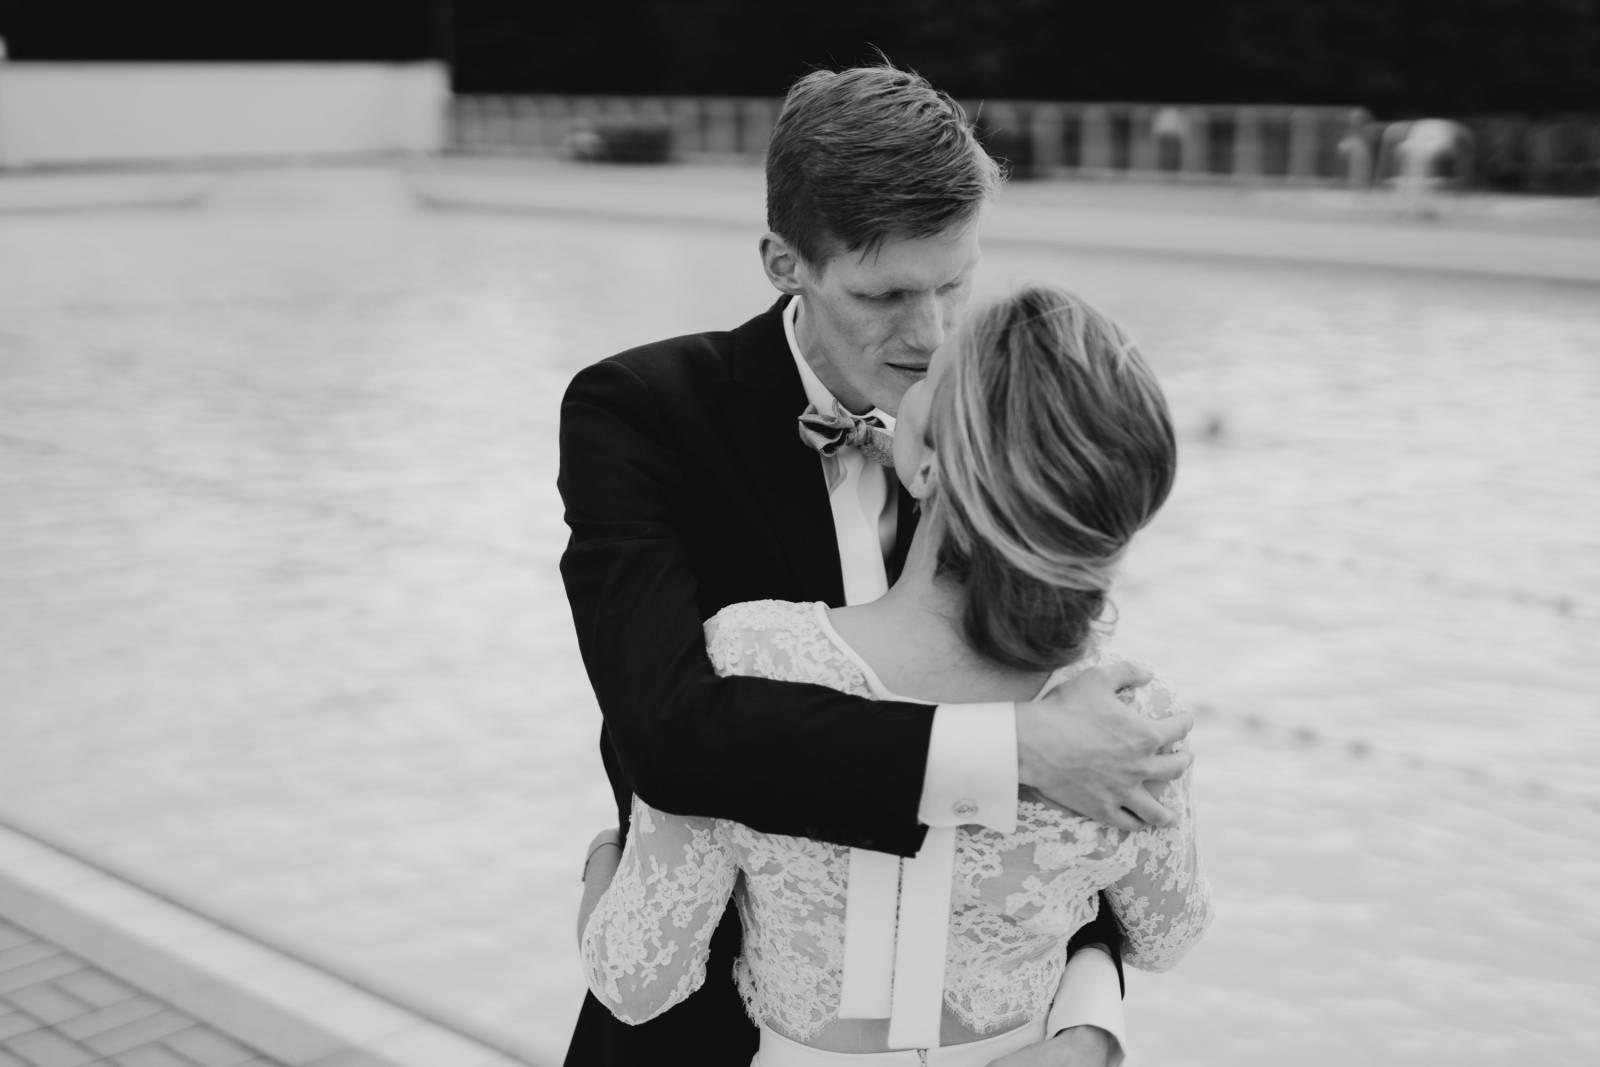 Frankie and Fish - Trouwfotograaf - Huwelijksfotograaf - Bruidsfotograaf - House of Weddings - 32